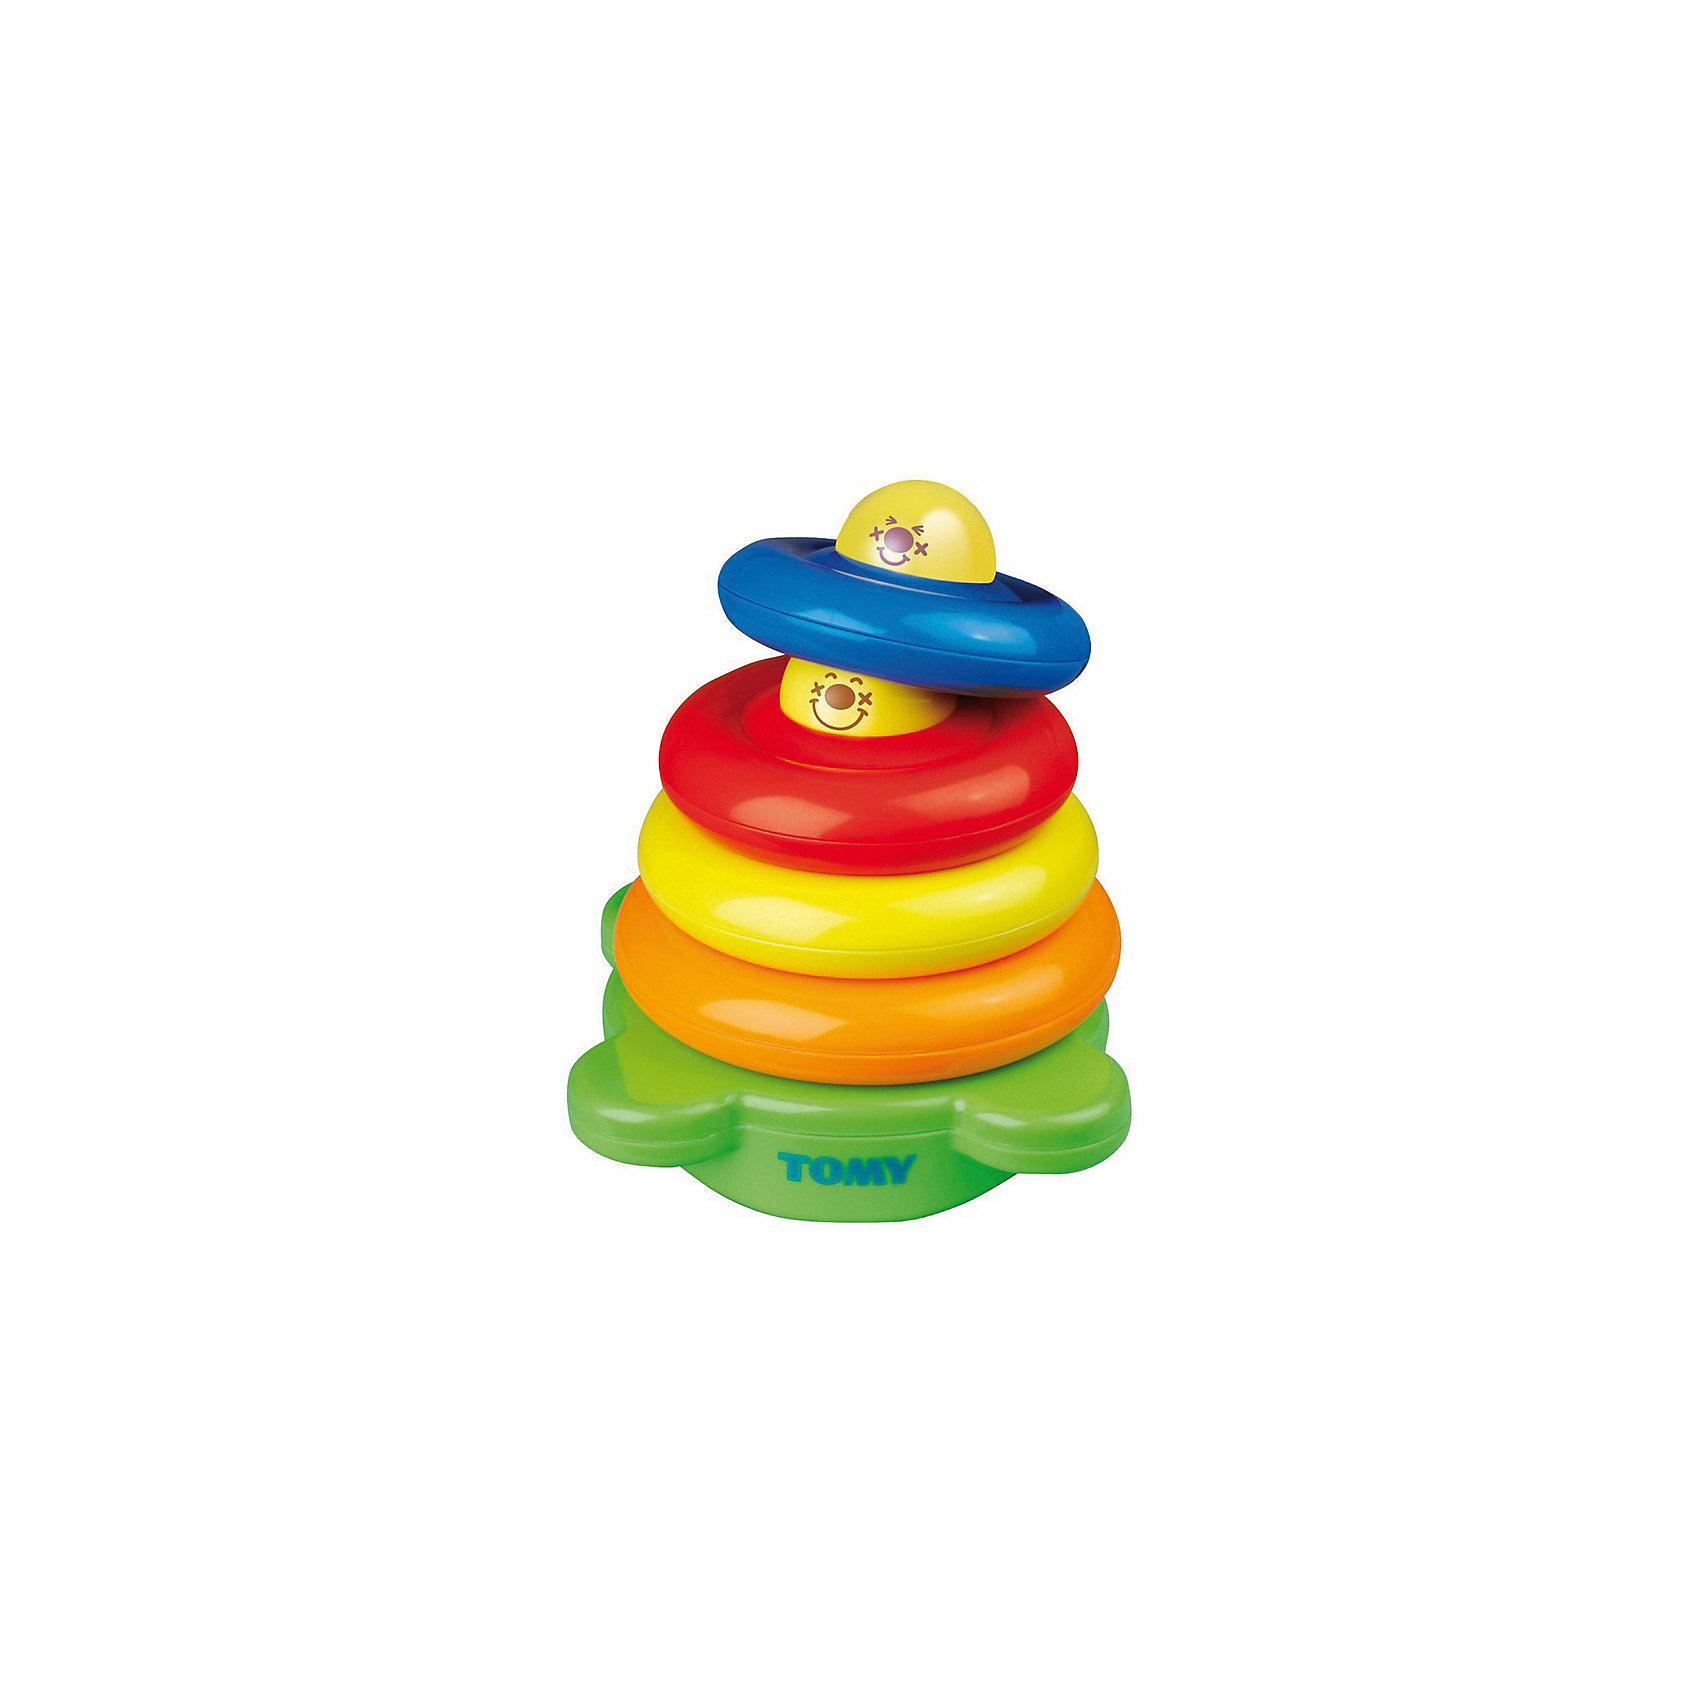 Игрушка Веселая Пирамидка, TOMYРазвивающая игрушка Пирамидка от известного производителя игрушек TOMY (Томи) - это очень нужная вещь для Вашего малыша. Игрушка несёт в себе не только развлекающую функцию, но и развивающую! Развивающие игрушки - это необходимый атрибут в процессе развития всех малышей. <br><br>Пирамидка проста в использовании, выполнена из качественного материала и не представляет опасности для ребёнка. Когда малыш разберет пирамидку до основания, он обнаружит гремящий шарик. Игрушка поможет в развитии моторики рук, восприятию цвета и формы, способствует развитию логики.<br><br>Развивающую игрушку Пирамидка от TOMY (Томи) можно купить в нашем интернет-магазине.<br><br>Дополнительная информация:<br>- Материал: пластмасса<br>- Размер: 21 х 20 х 16 см<br><br>ВНИМАНИЕ! Данный товар представлен в ассортименте, и возможно получение пирамидки с 4 или с 5 кольцами. Количество колец пирамидки указано на упаковке. К сожалению, предварительный выбор не возможен.<br><br>Игрушку Веселая Пирамидка, TOMY можно купить в нашем магазине.<br><br>Ширина мм: 160<br>Глубина мм: 210<br>Высота мм: 200<br>Вес г: 645<br>Возраст от месяцев: 6<br>Возраст до месяцев: 36<br>Пол: Унисекс<br>Возраст: Детский<br>SKU: 1602926